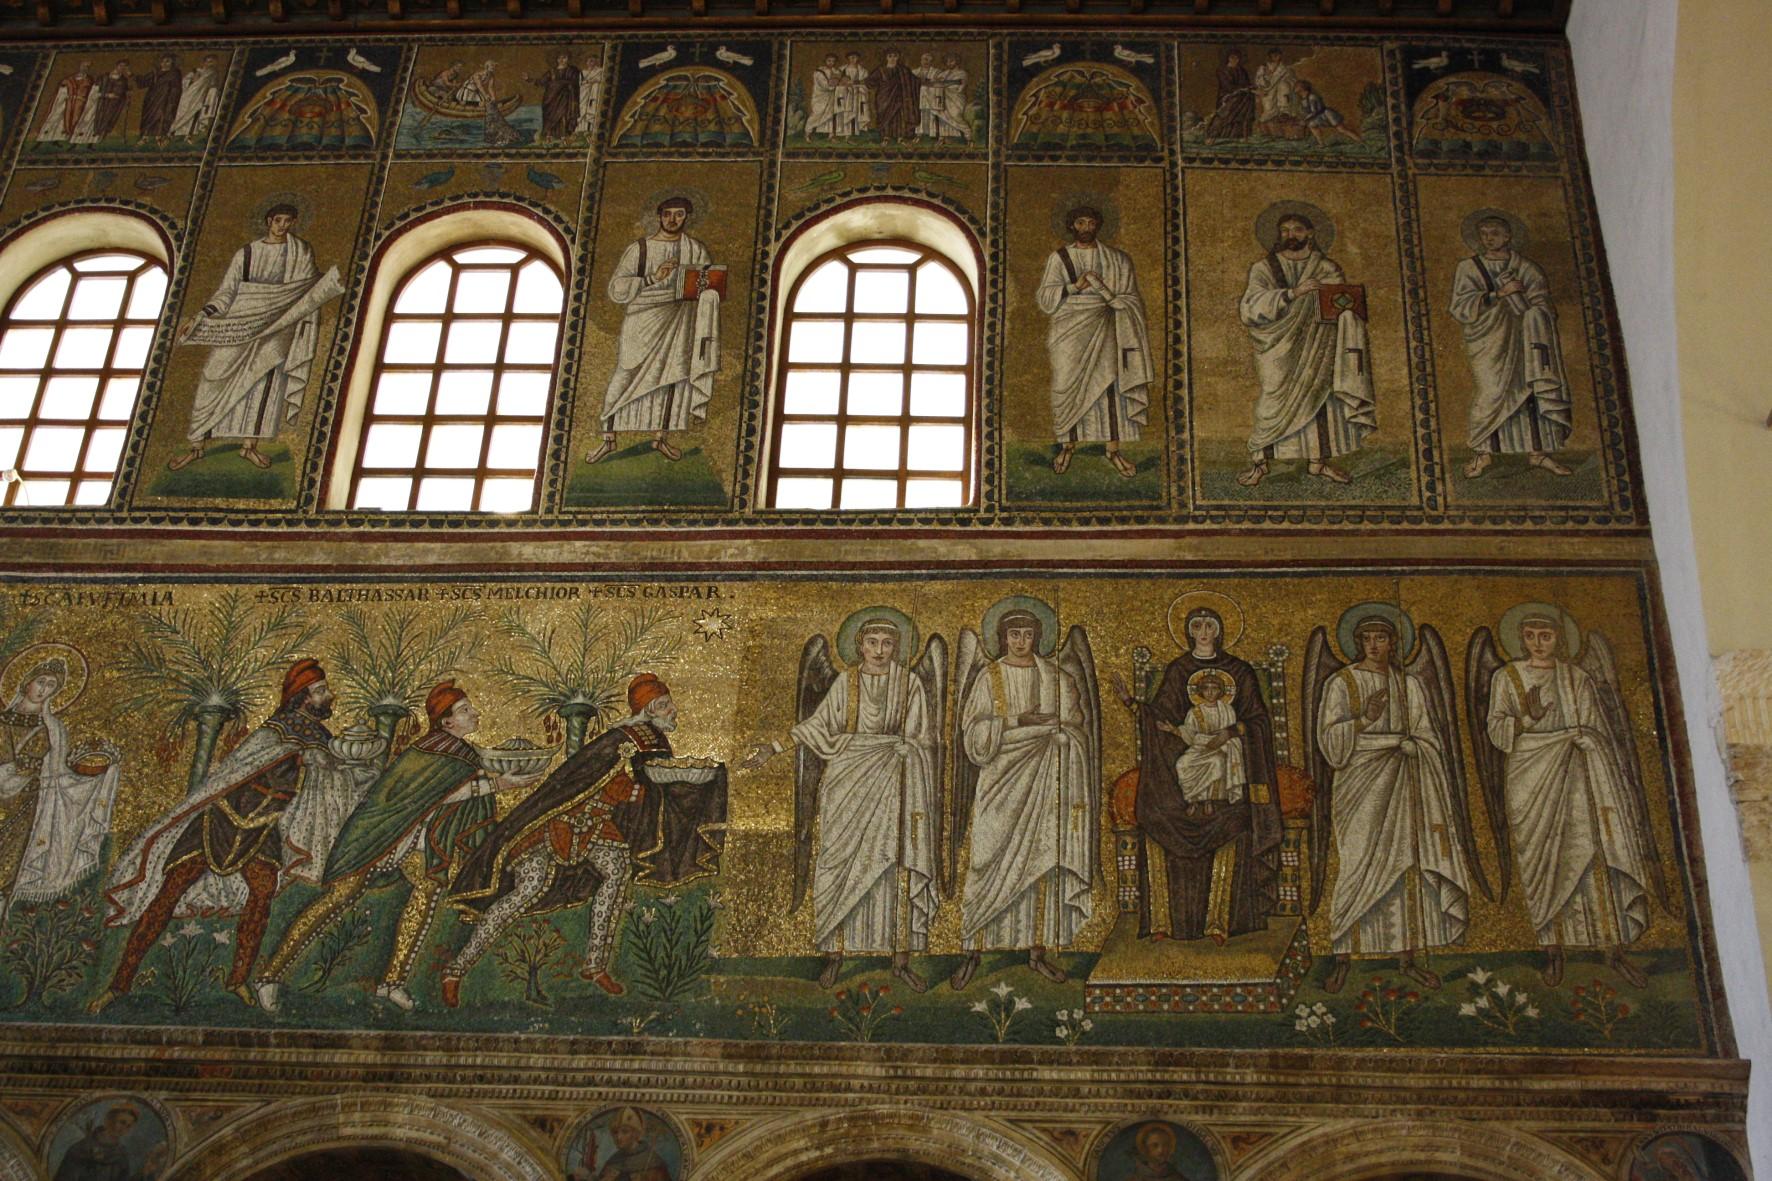 Heiligendarstellung in Sant'Apollinare Nuovo in Ravenna